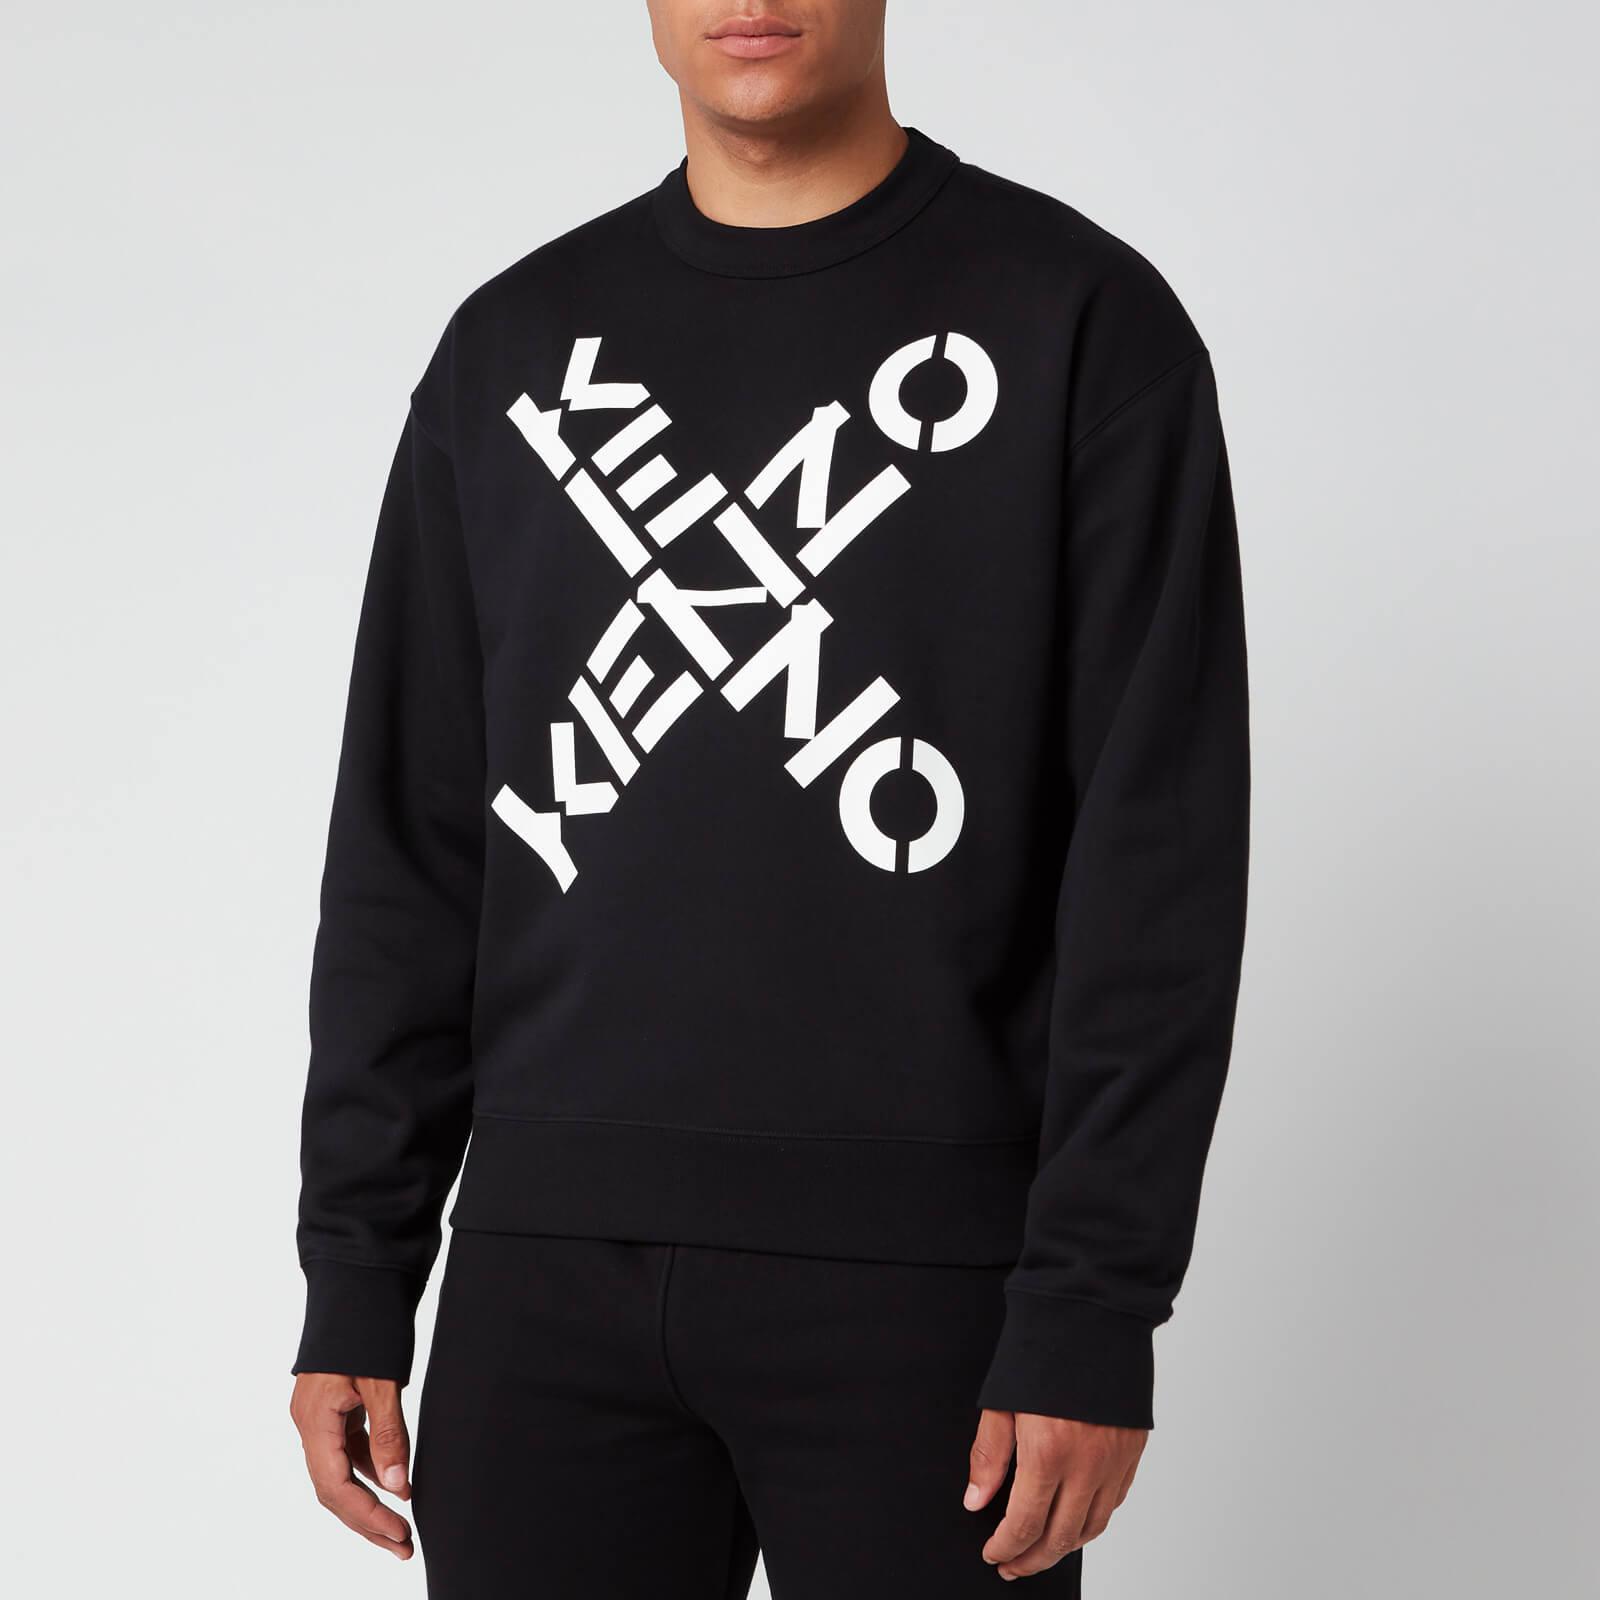 KENZO Men's Sport Oversized Sweatshirt - Black